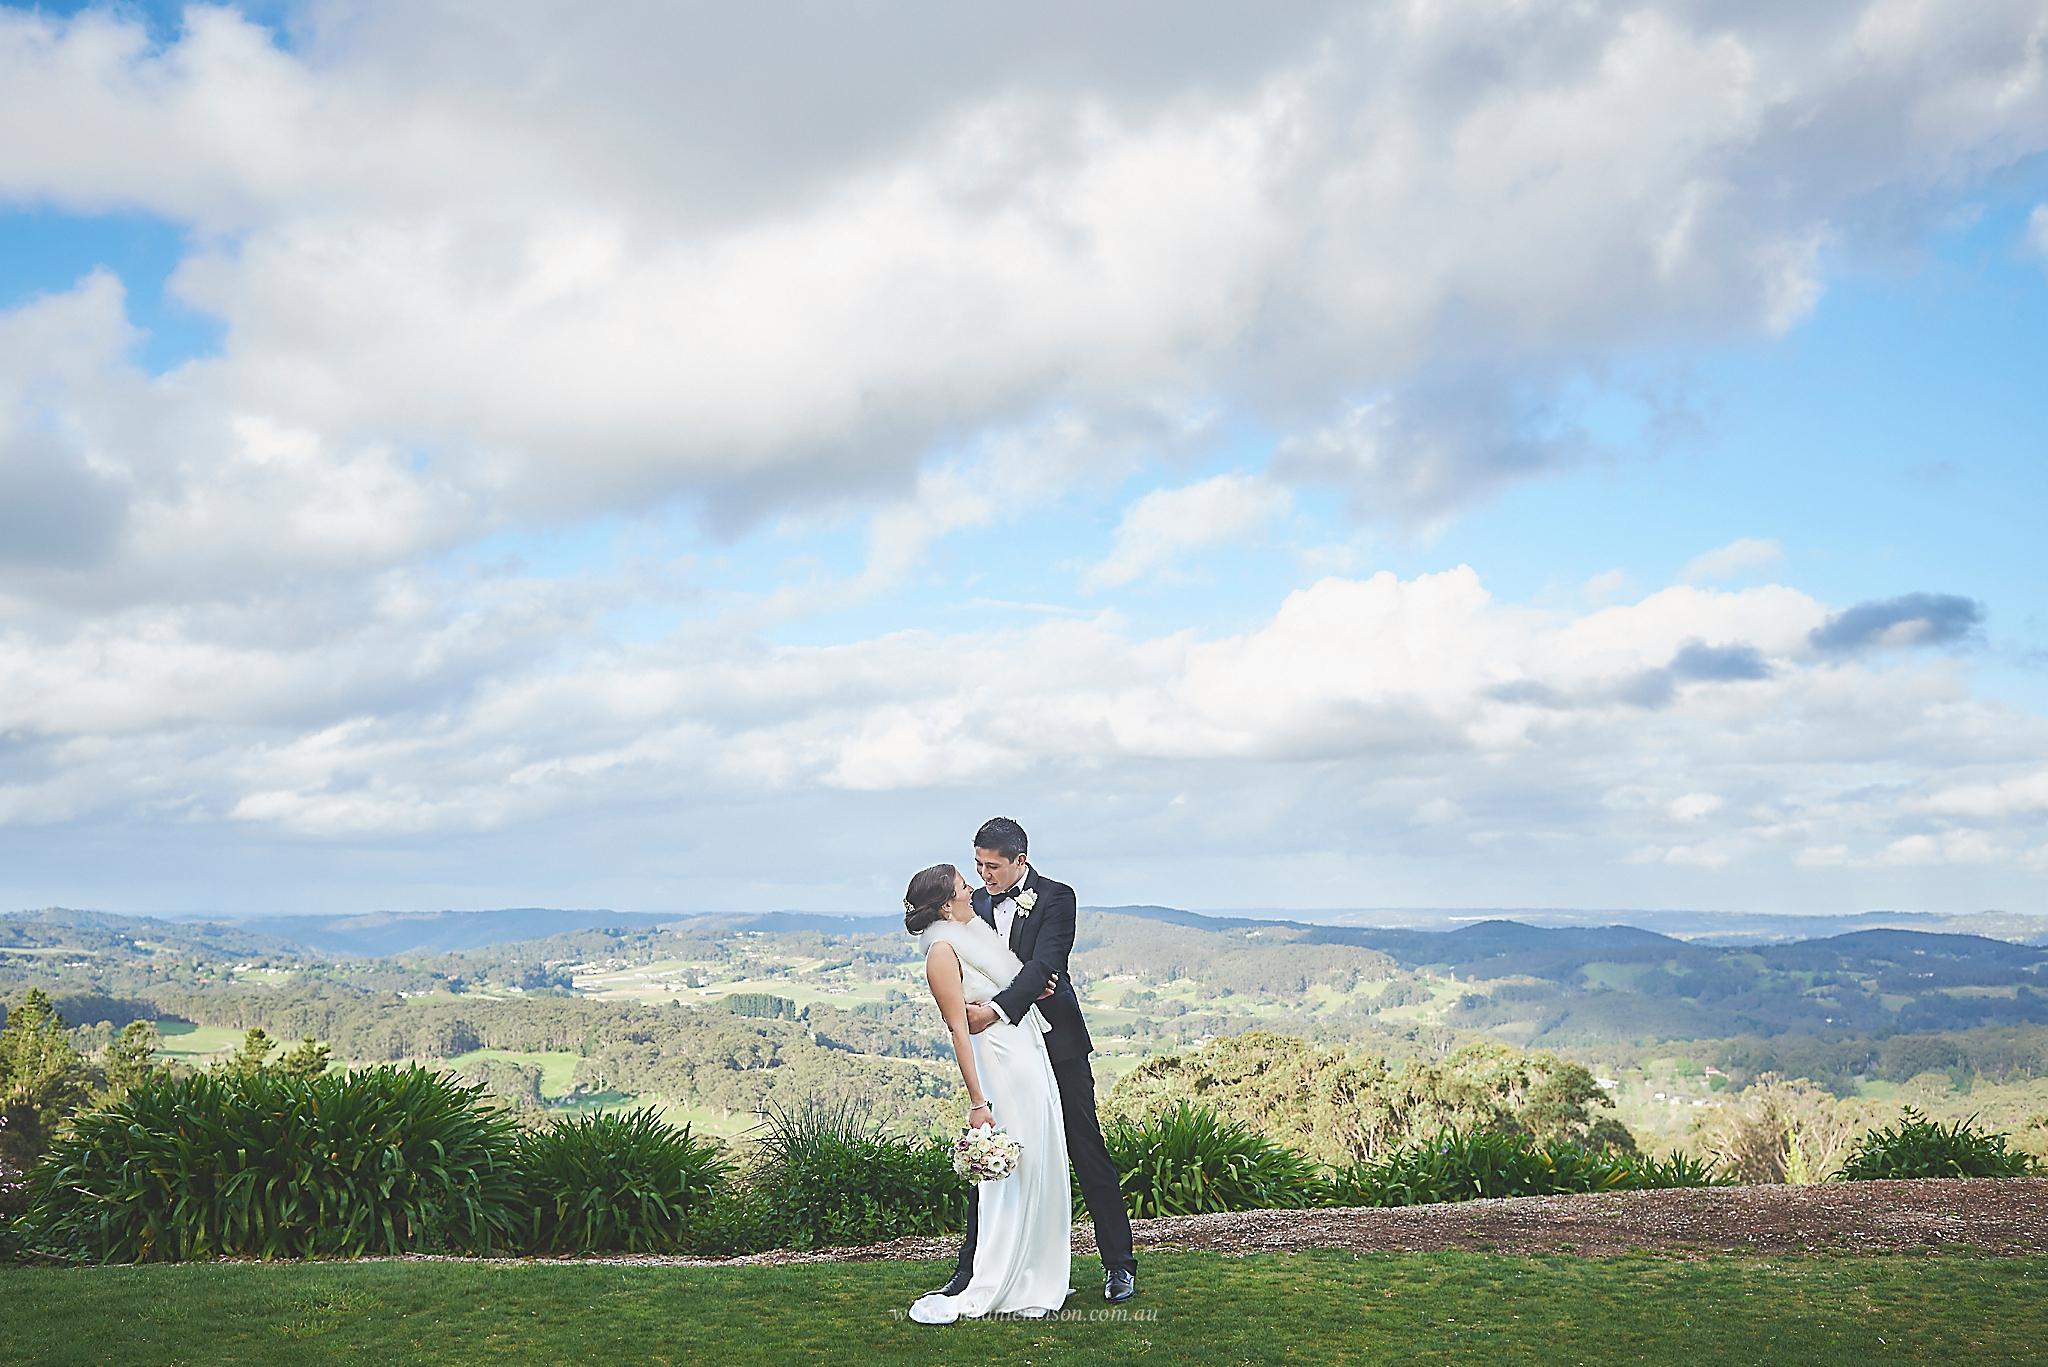 adelaide_hills_wedding_photography_0021.jpg